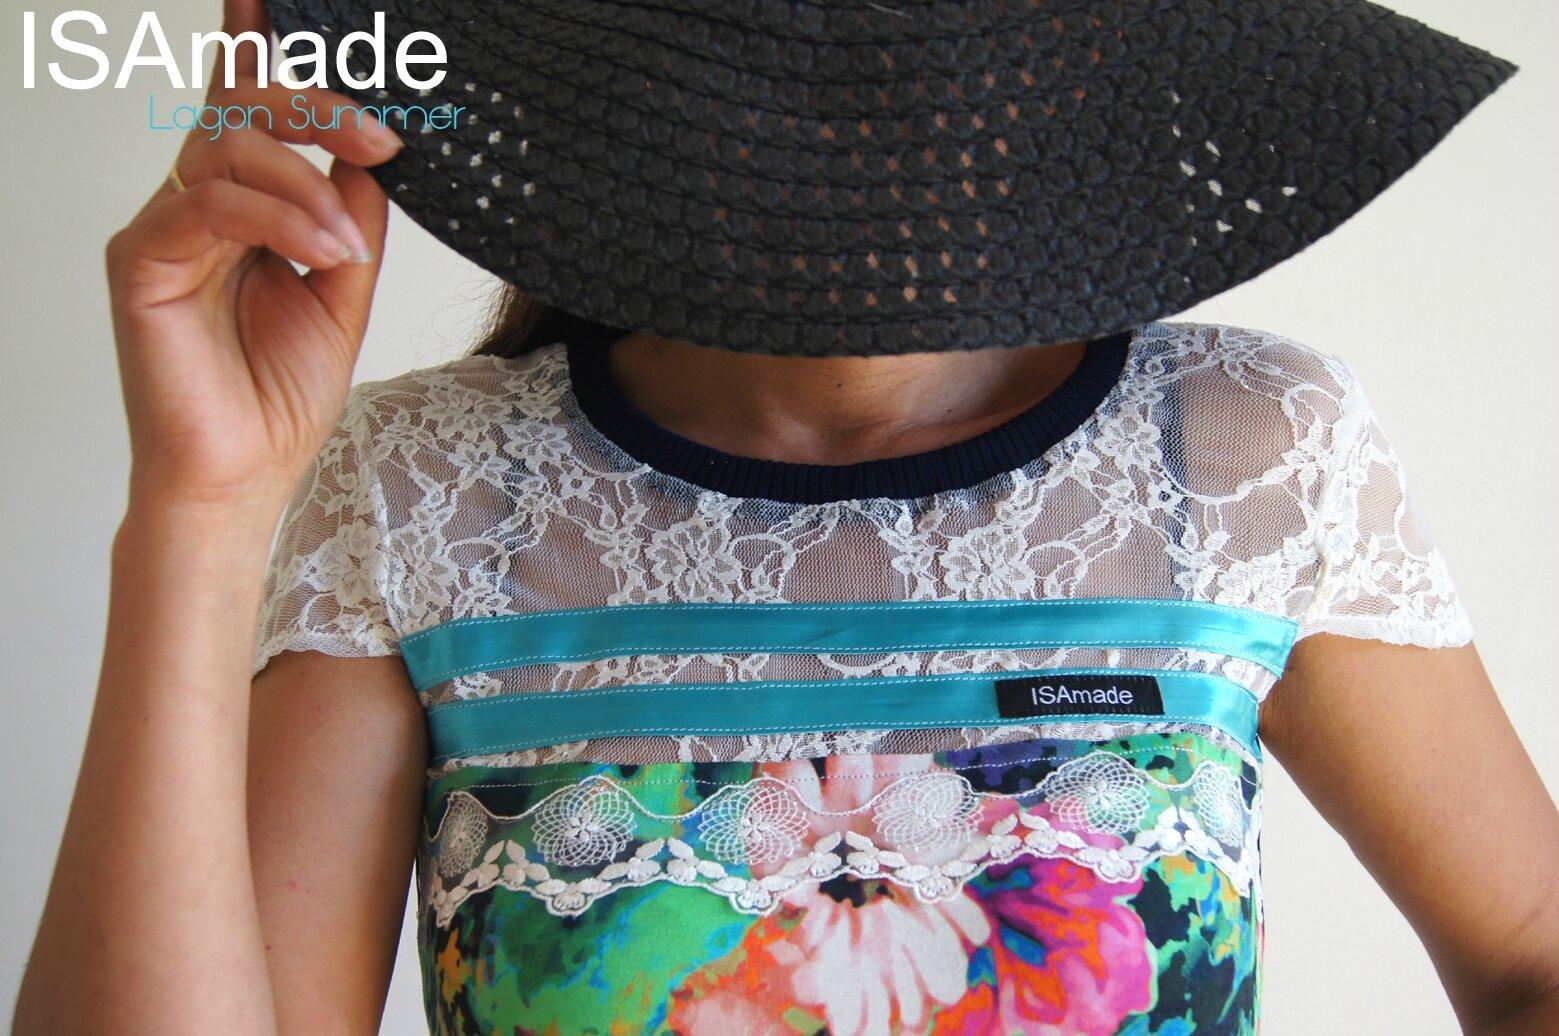 Une Robe ISAmade ose la couleur sur une maille imprimé impression numérique aux fleurs mêlées et pieds de poule fondus, de la dentelle fraiche qui joue la transparence !